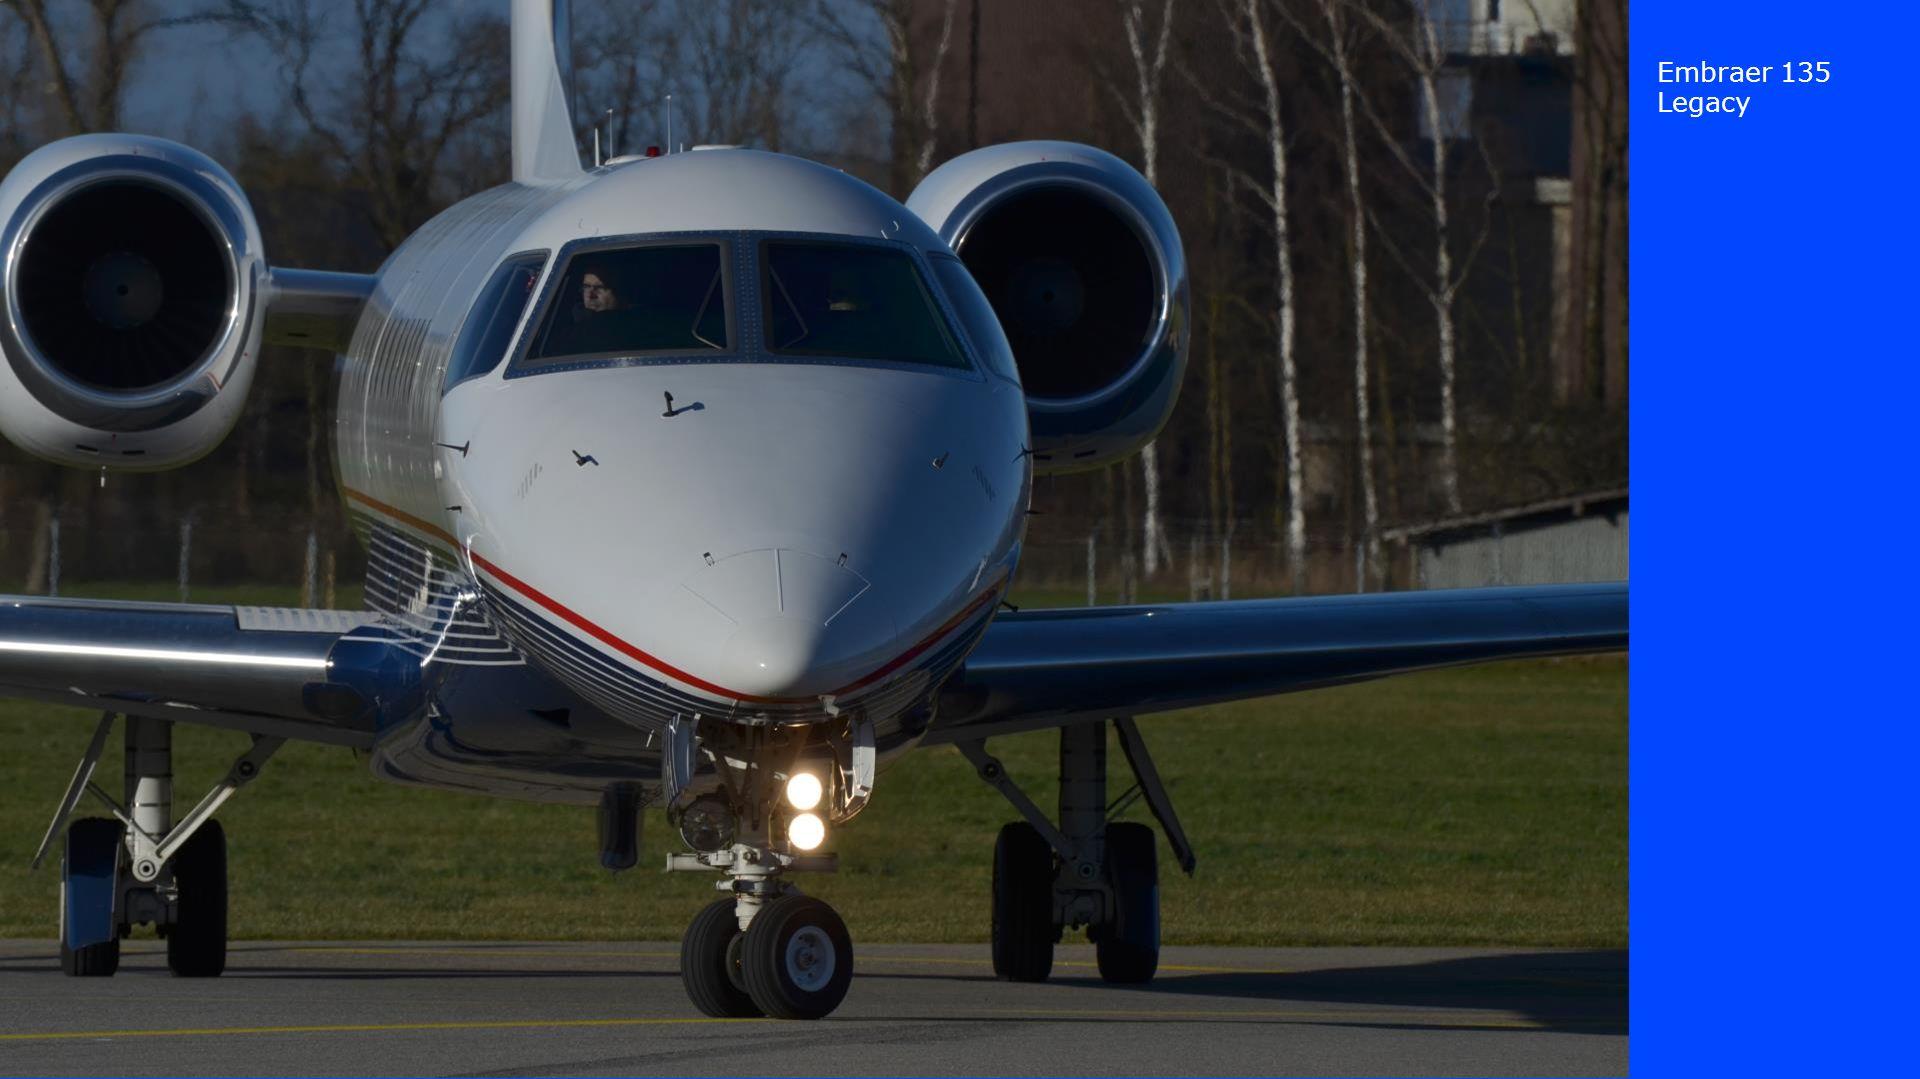 Embraer 135 Legacy